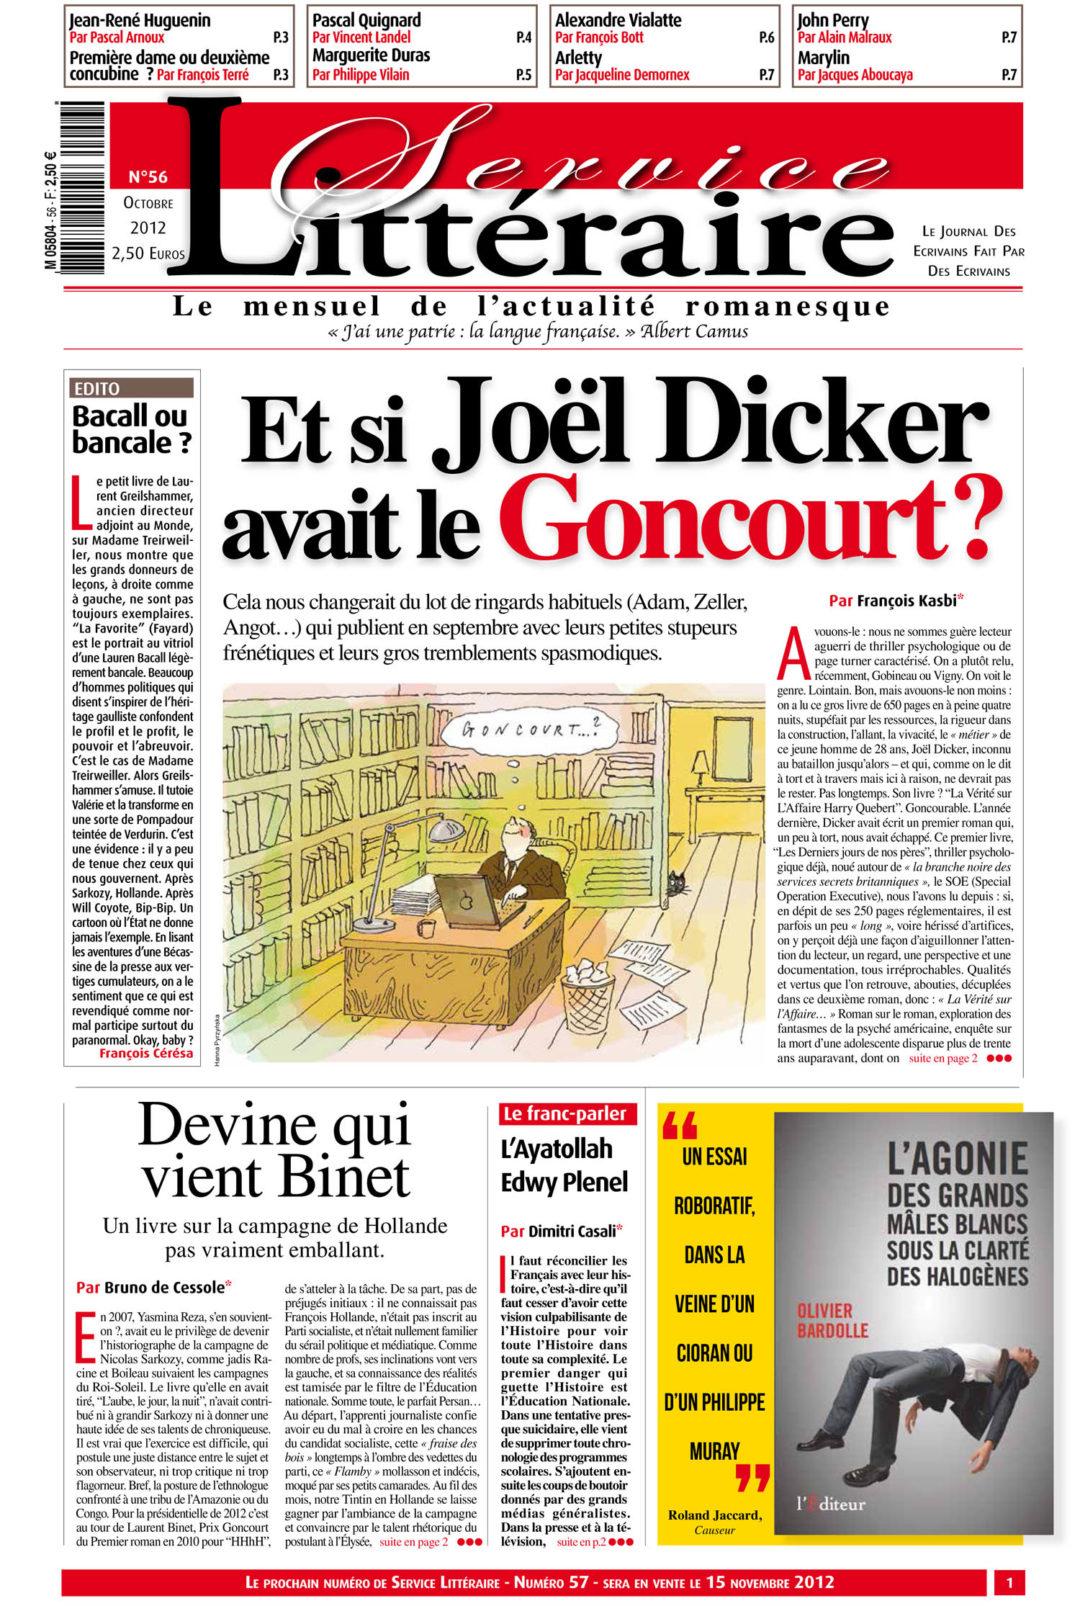 Joel Dicker Goncourt ?